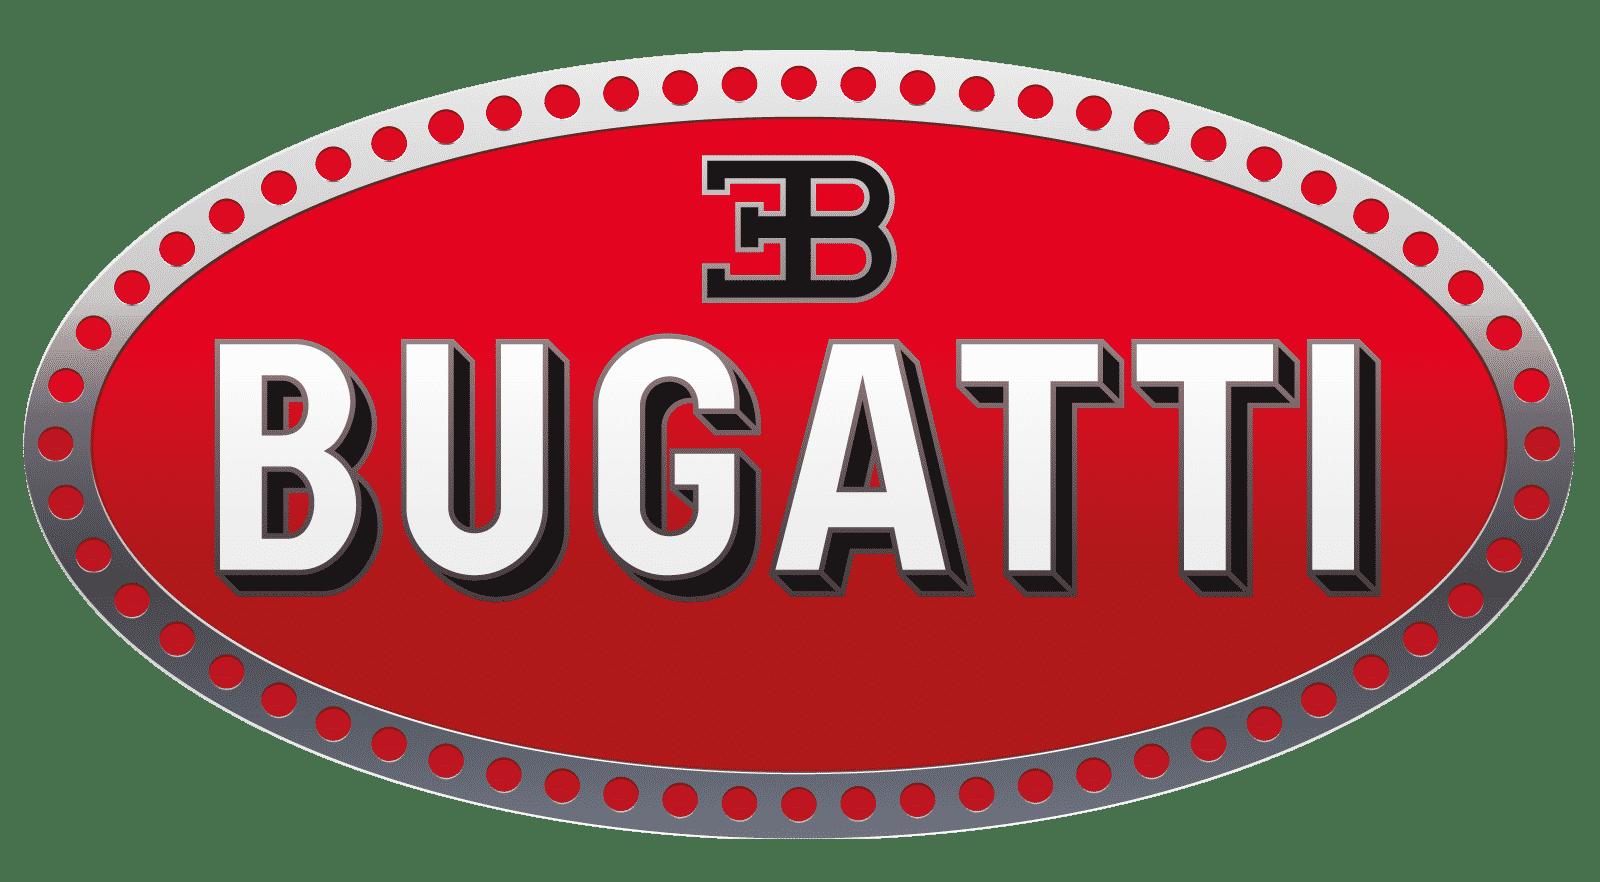 Bugatti-3D-Logo-png